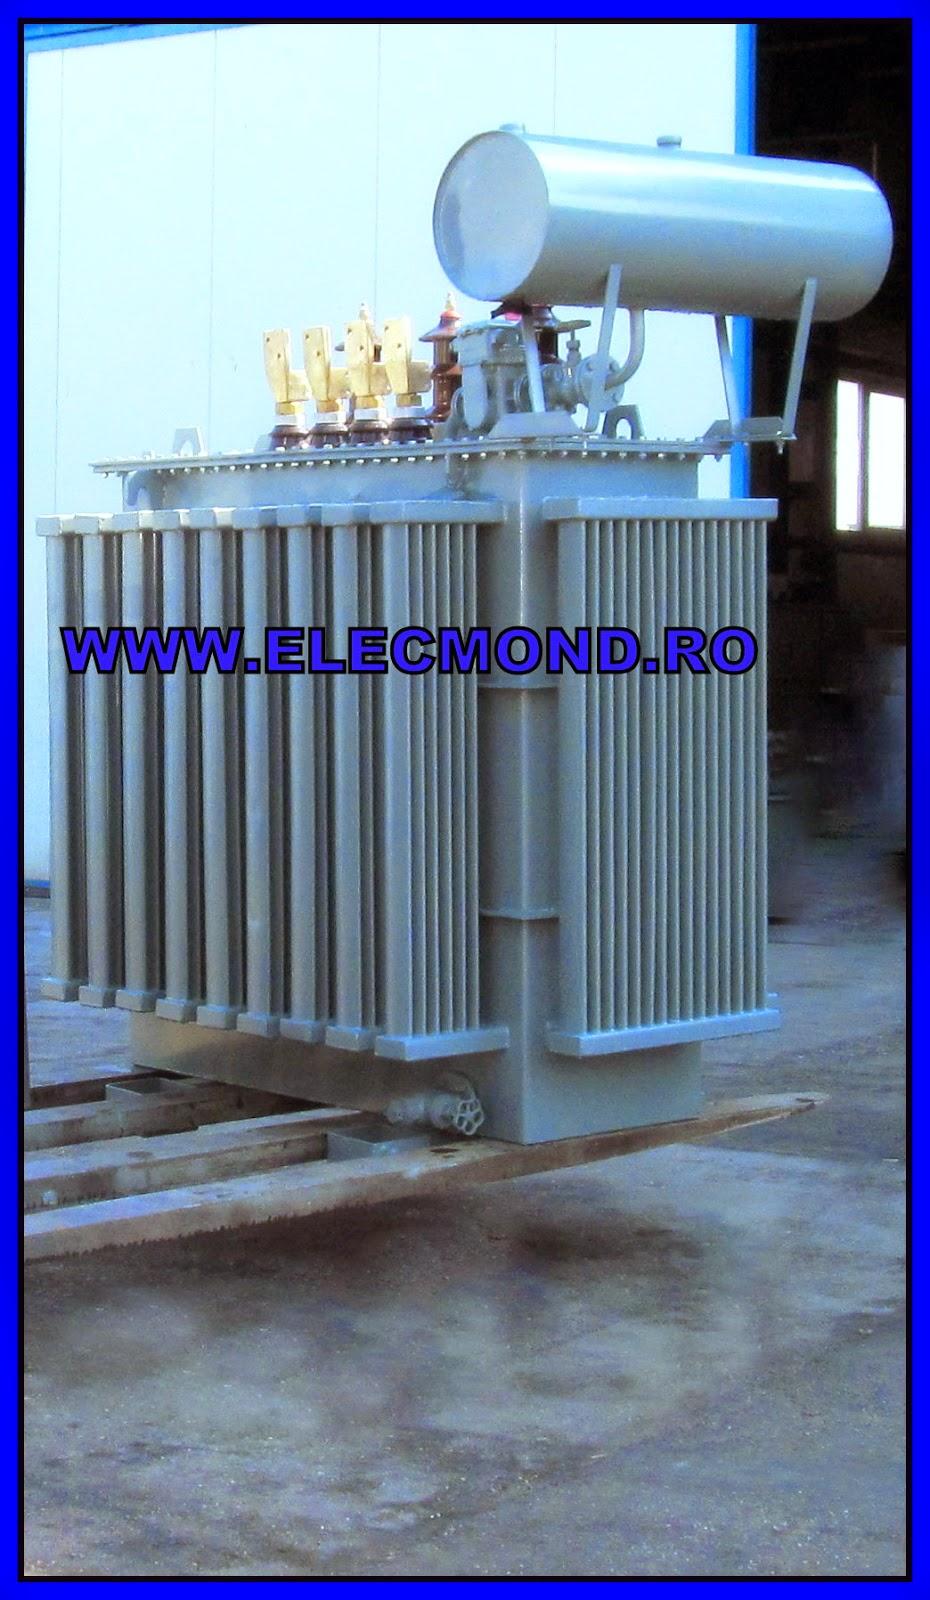 Transformator 800 kVA , transformatoare 800 kVA , Elecmond Electric , trafo , transformatoare de putere , transformatoare in ulei , trafo pret ,fabrica transformatoare , modificari transformatoare , schimb transformator ,  transformatoare electrice